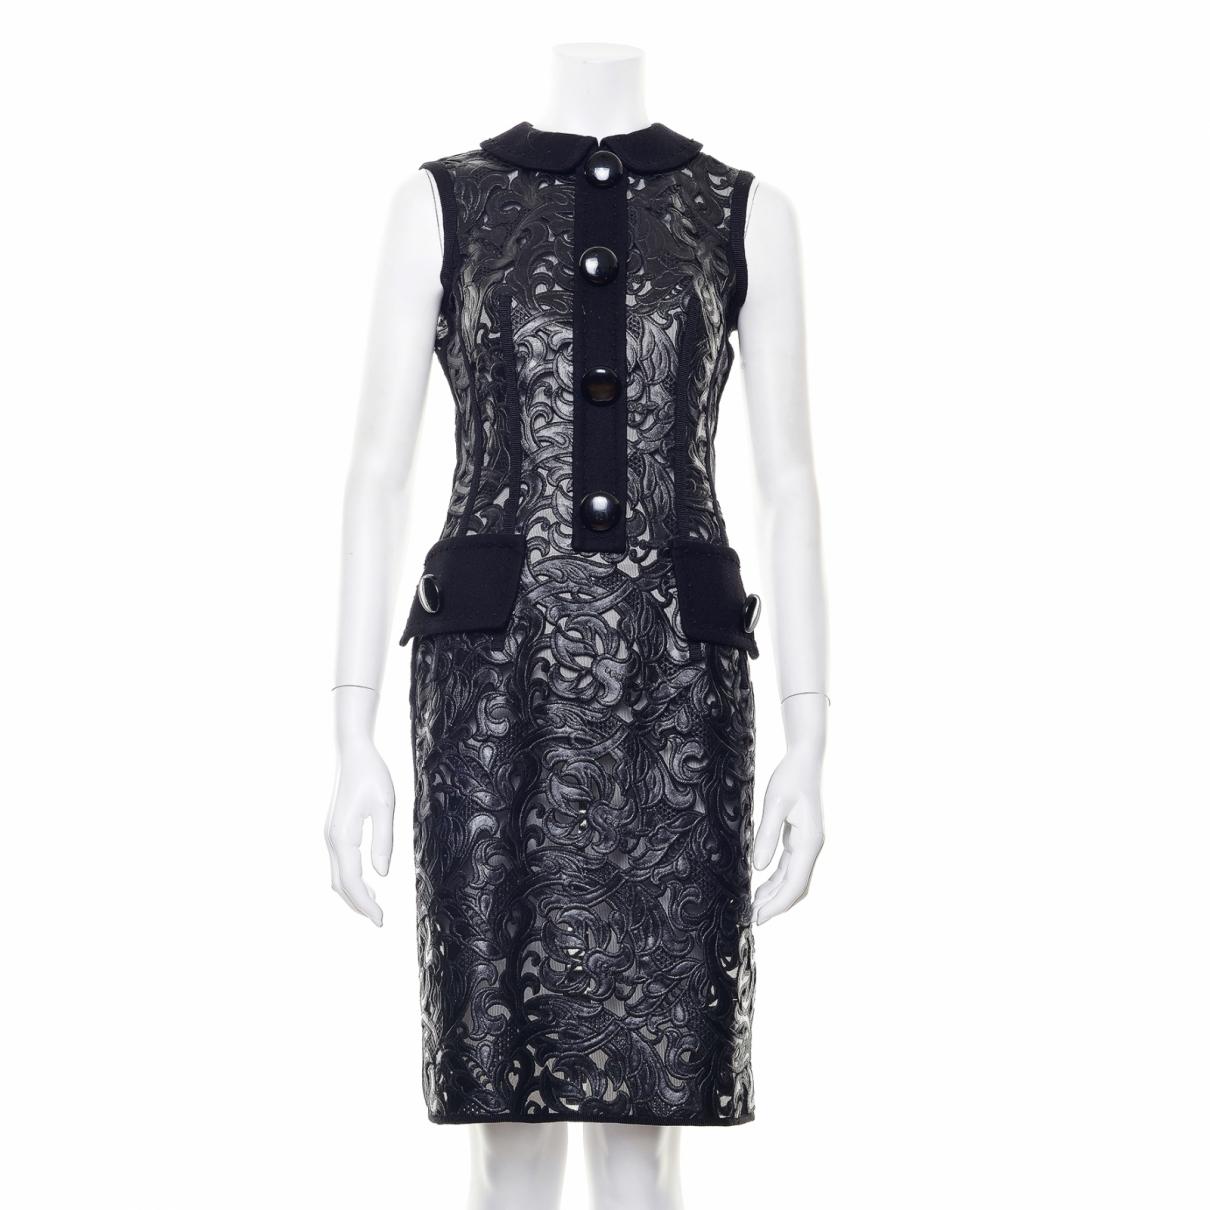 Vestido en Cuero Negro Louis Vuitton